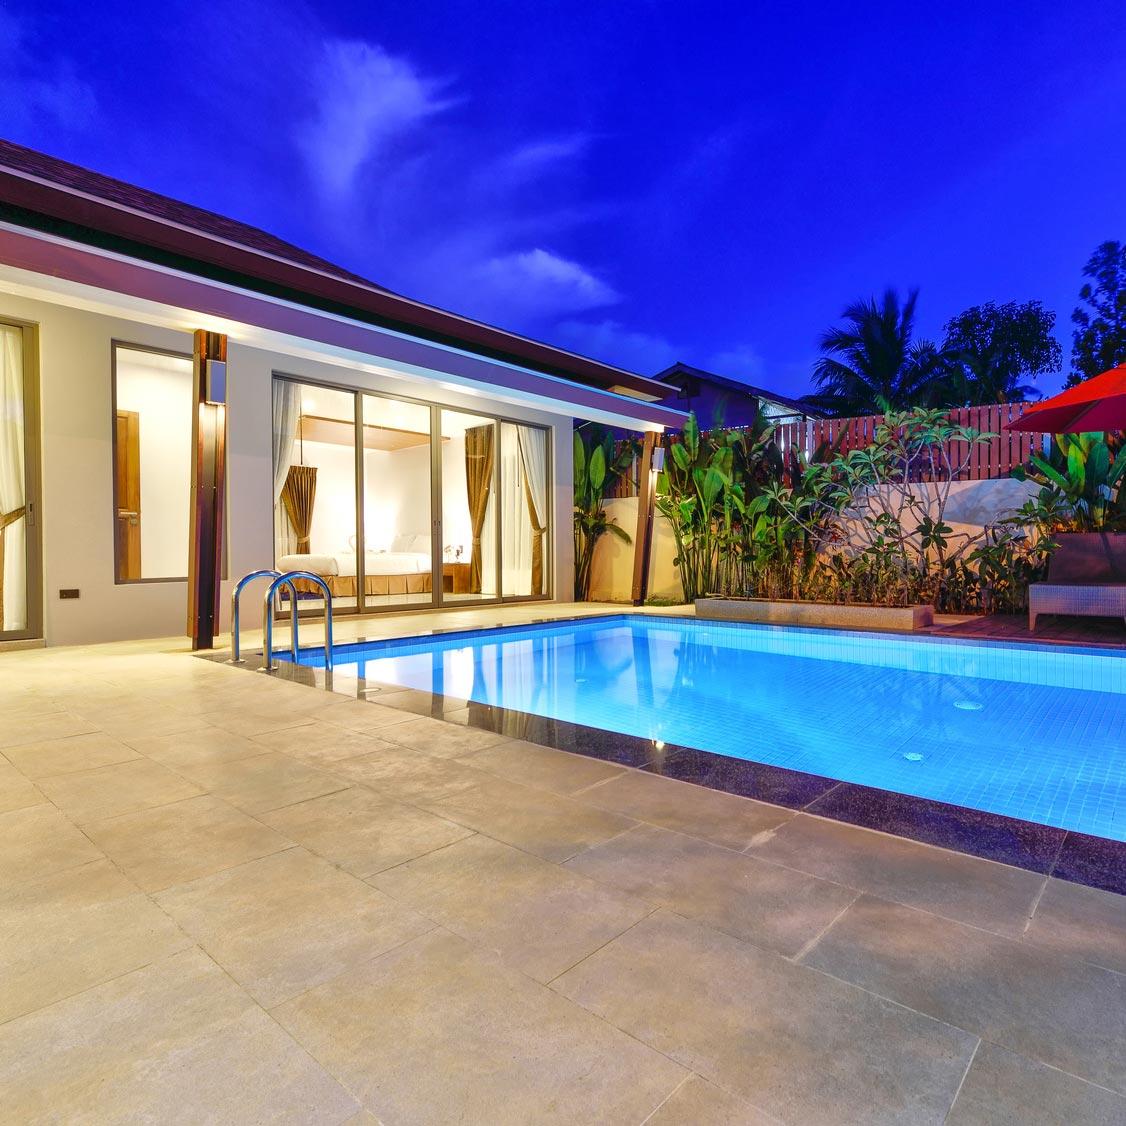 pavimentazioni-esterno-piscine-cagliari-sardegna